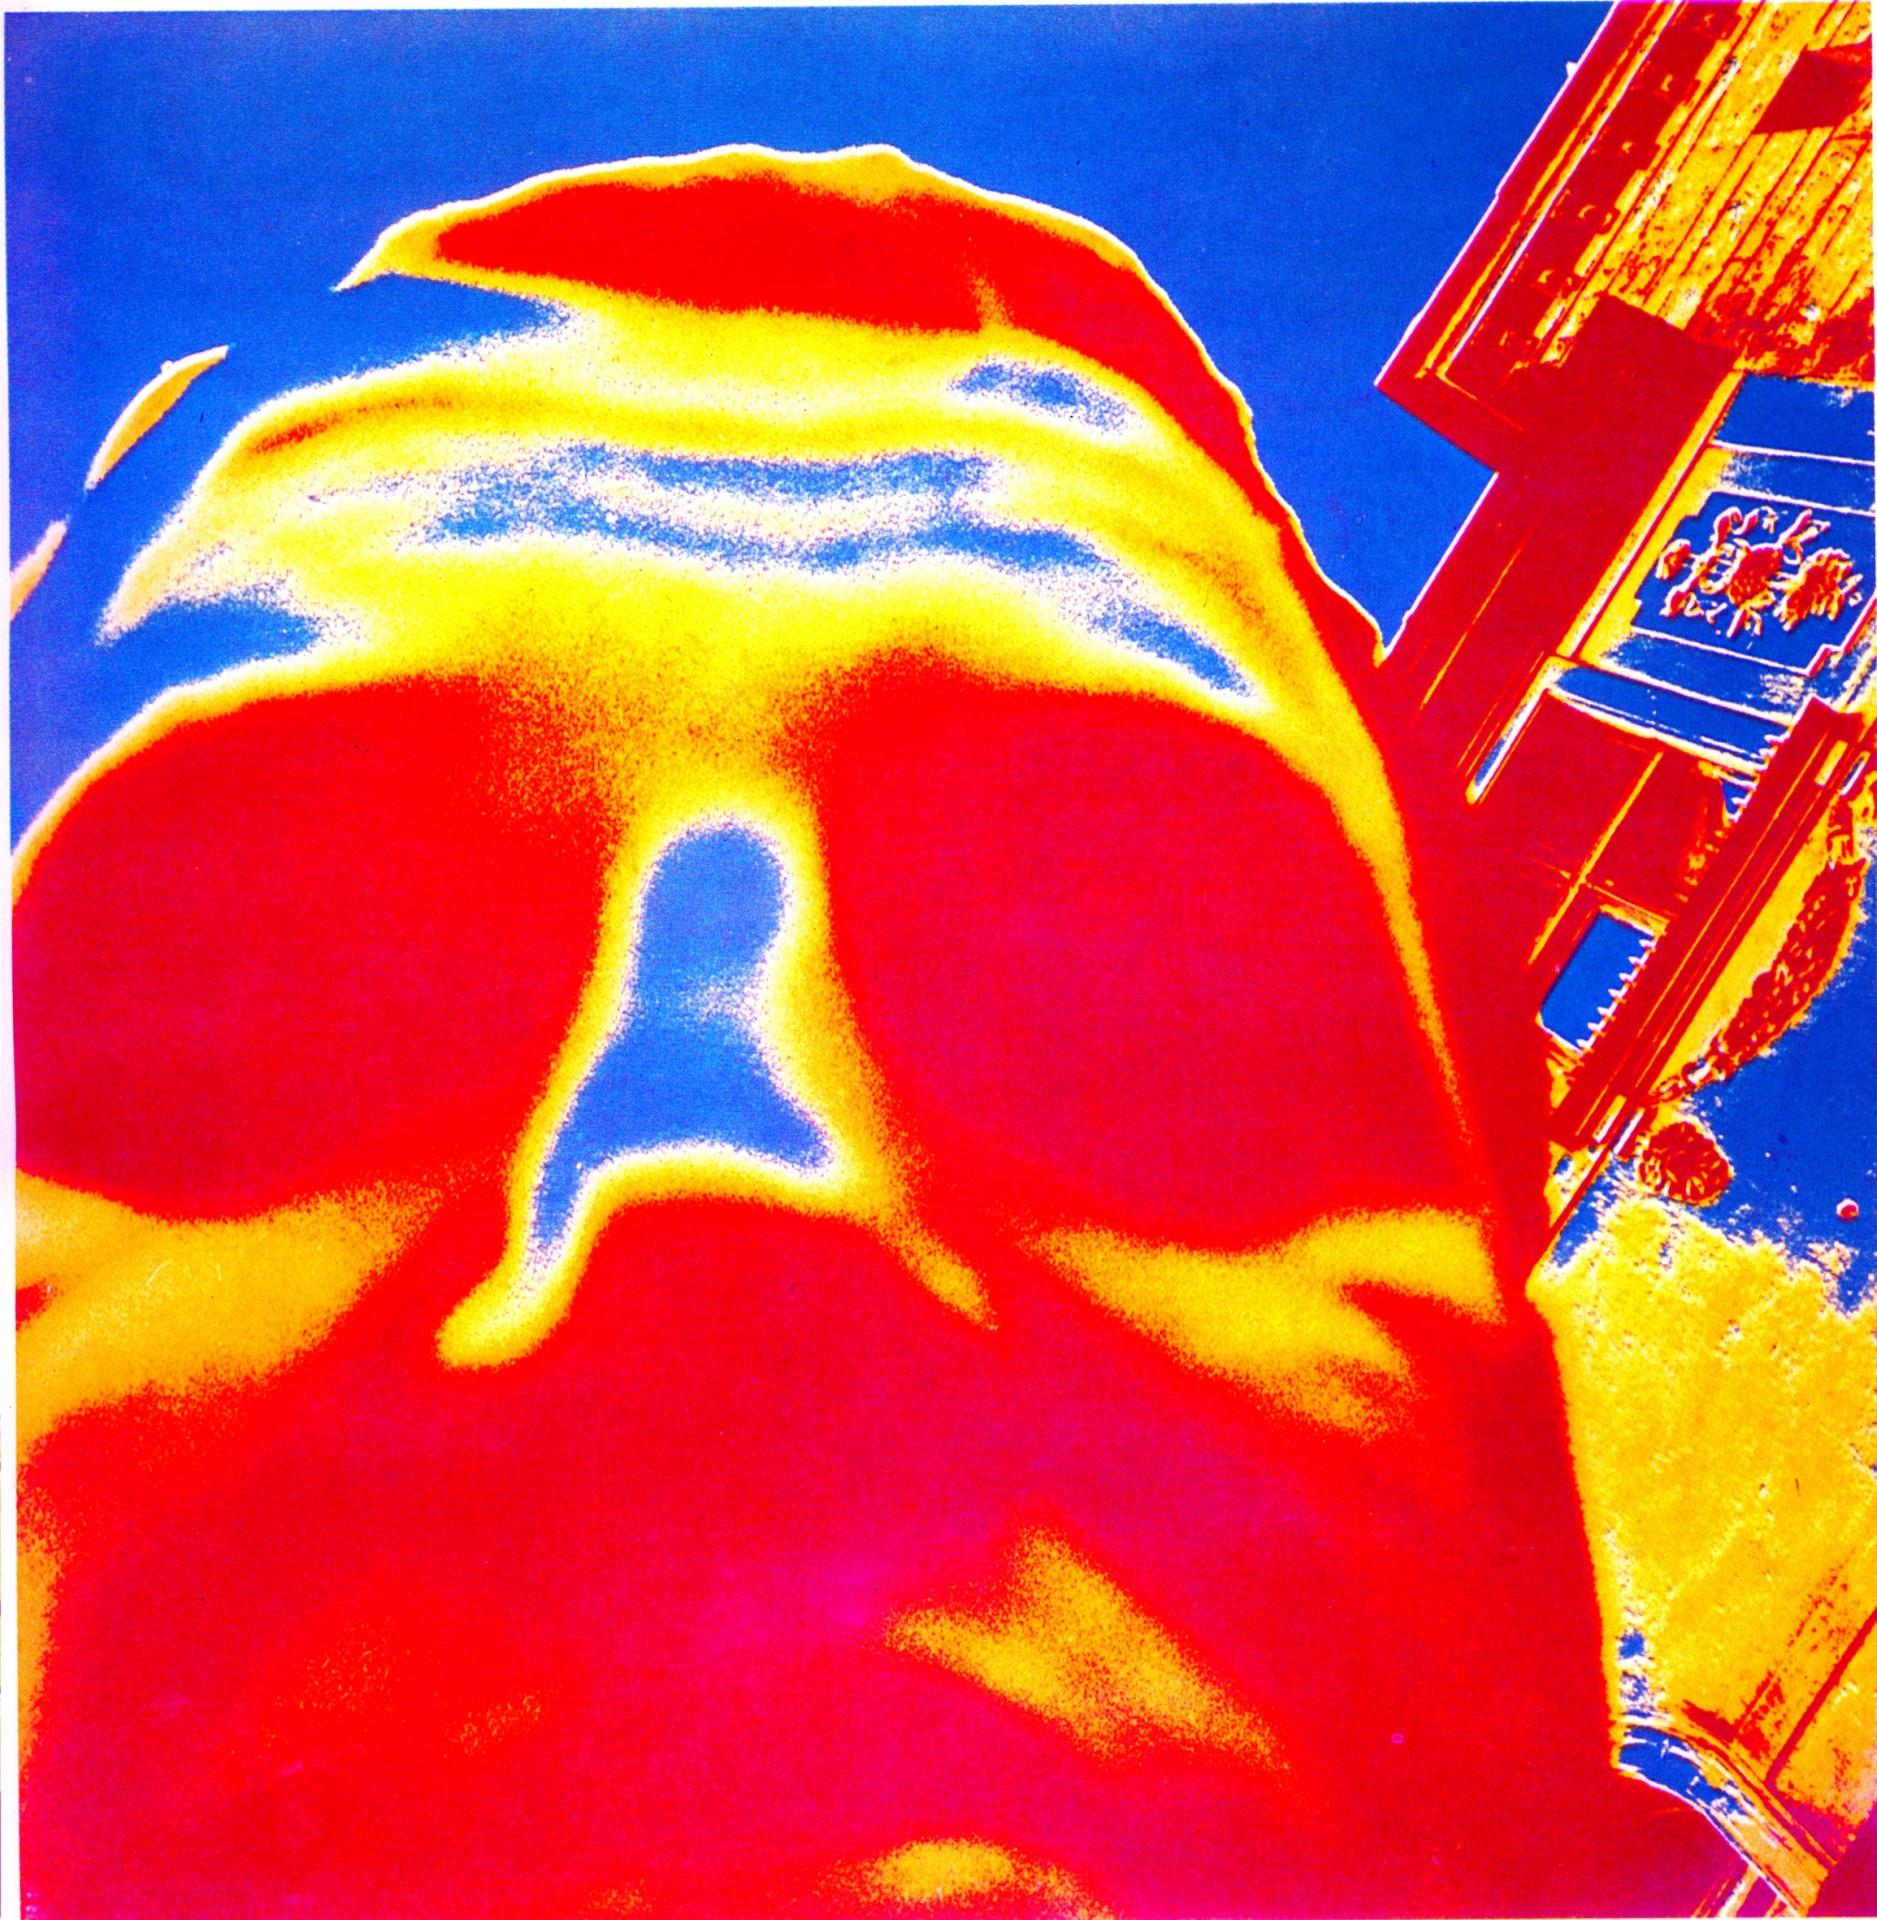 Czesław Kuchta, Autoportret, 1966, technika własna, barwna odbitka żelatynowo-srebrowa, kolekcja Muzeum Sztuki w Łodzi